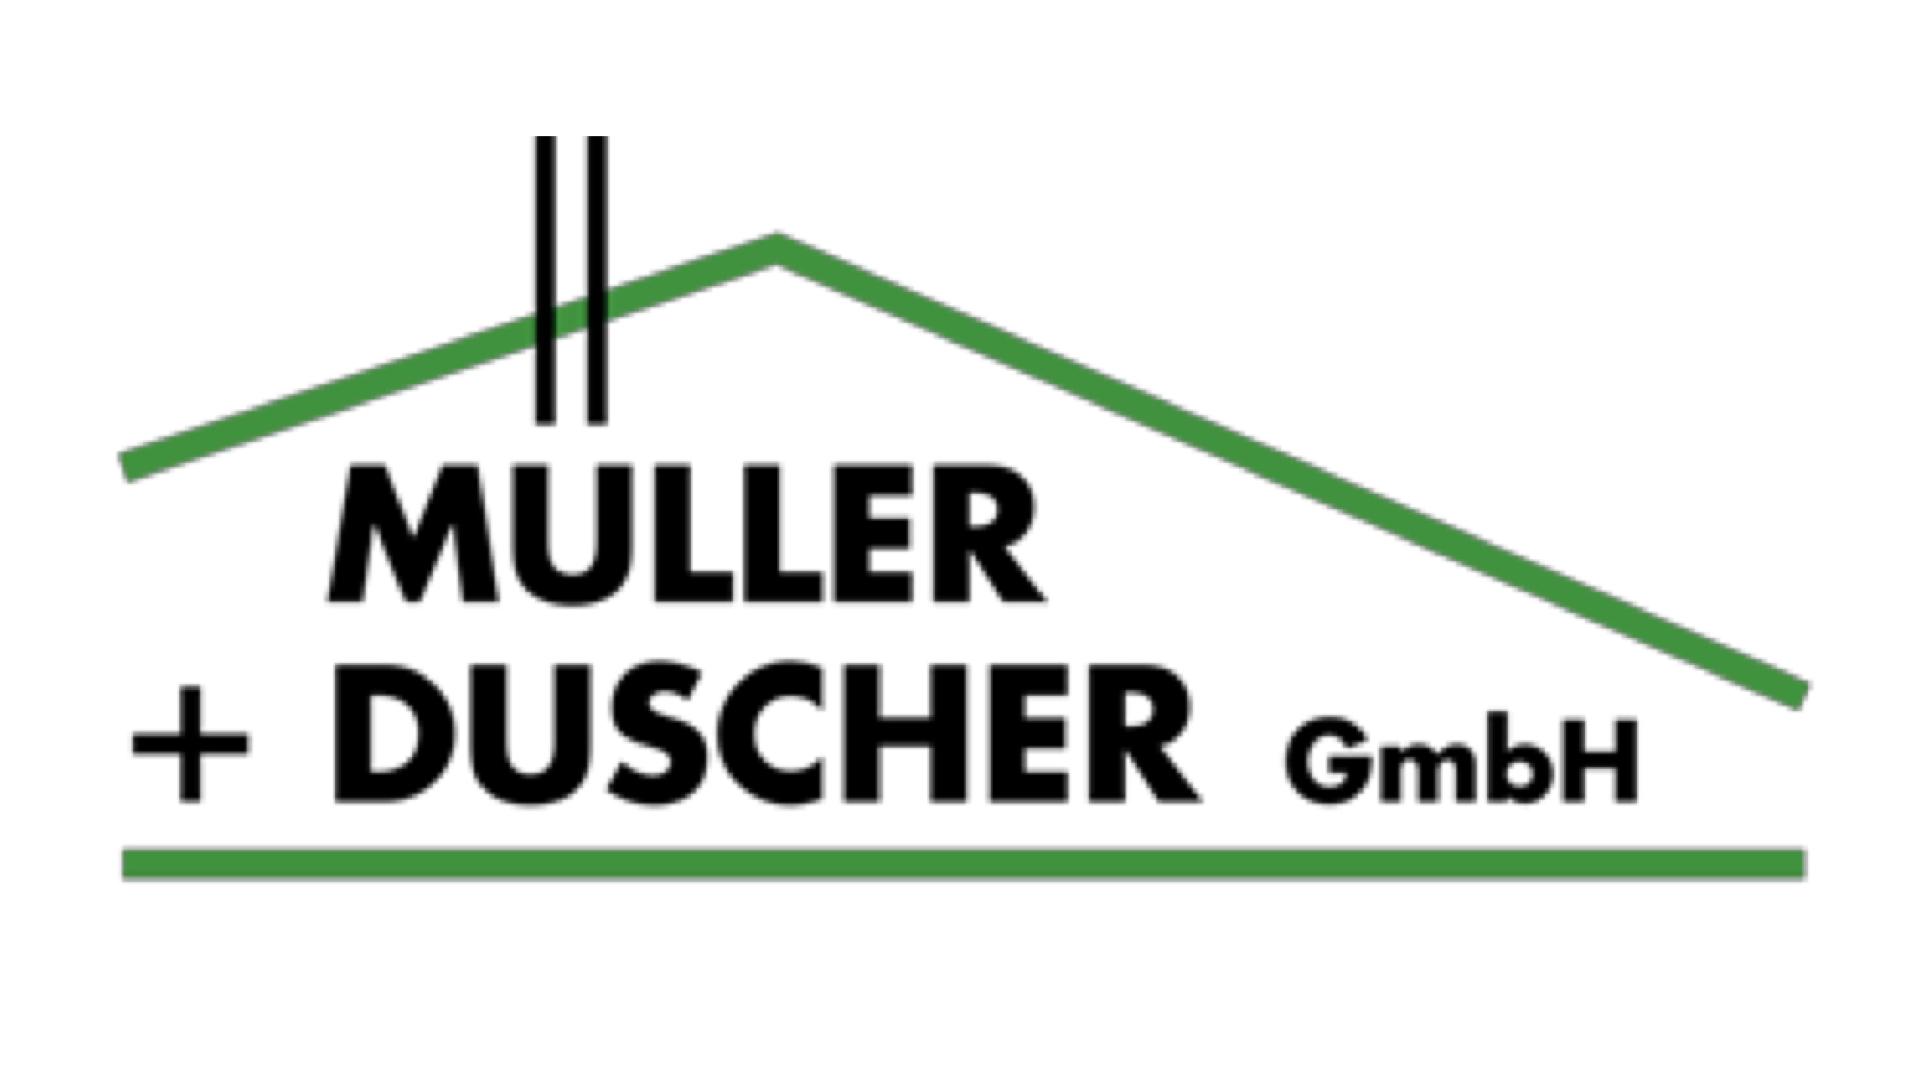 Müller+Duscher